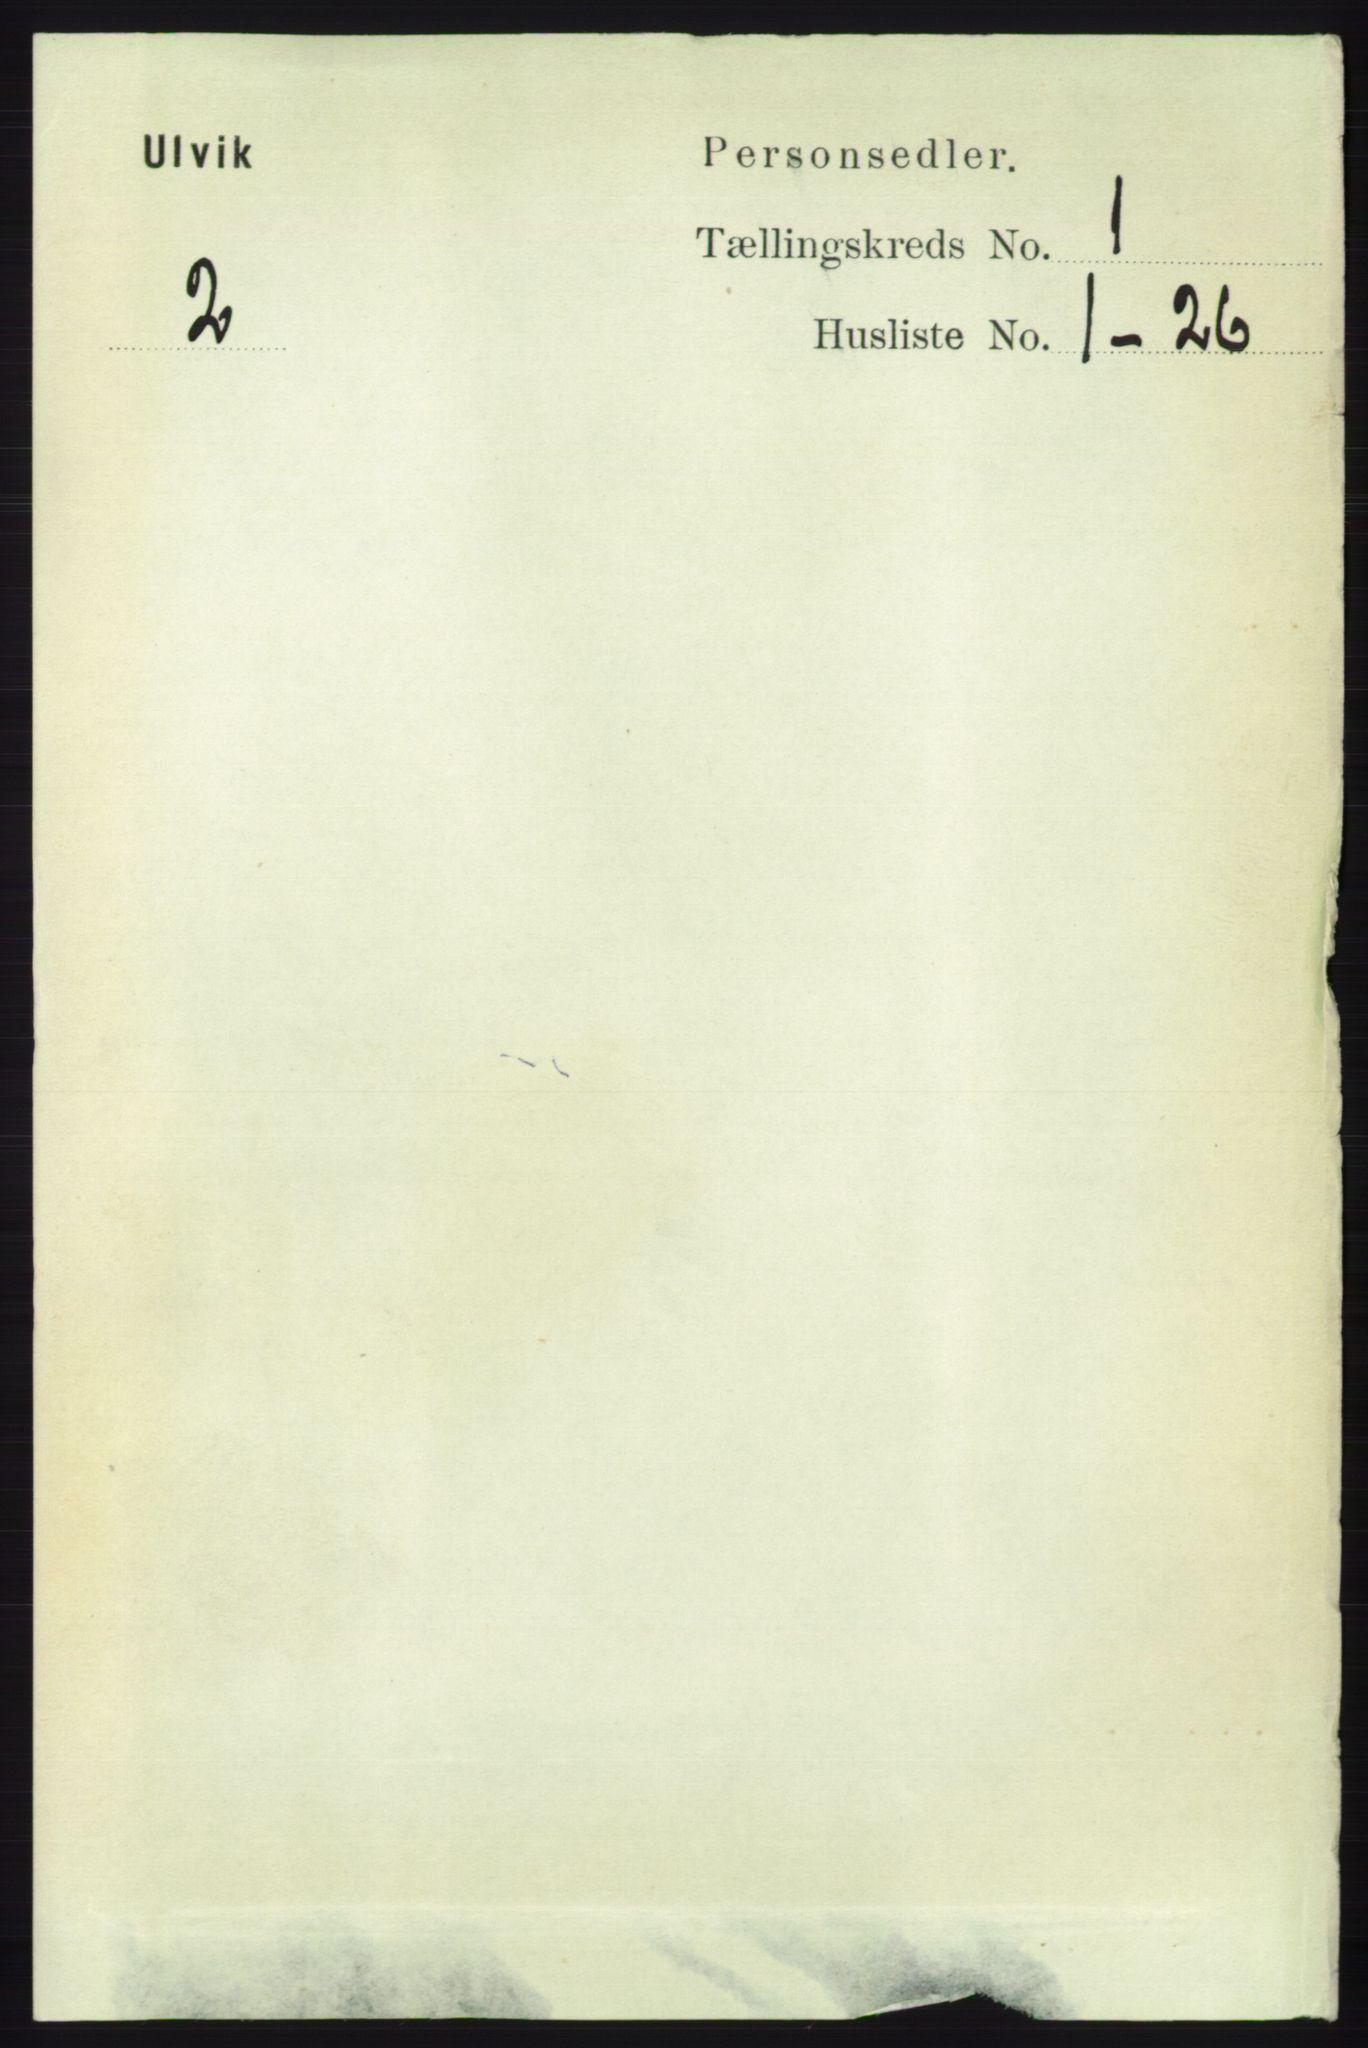 RA, Folketelling 1891 for 1233 Ulvik herred, 1891, s. 67